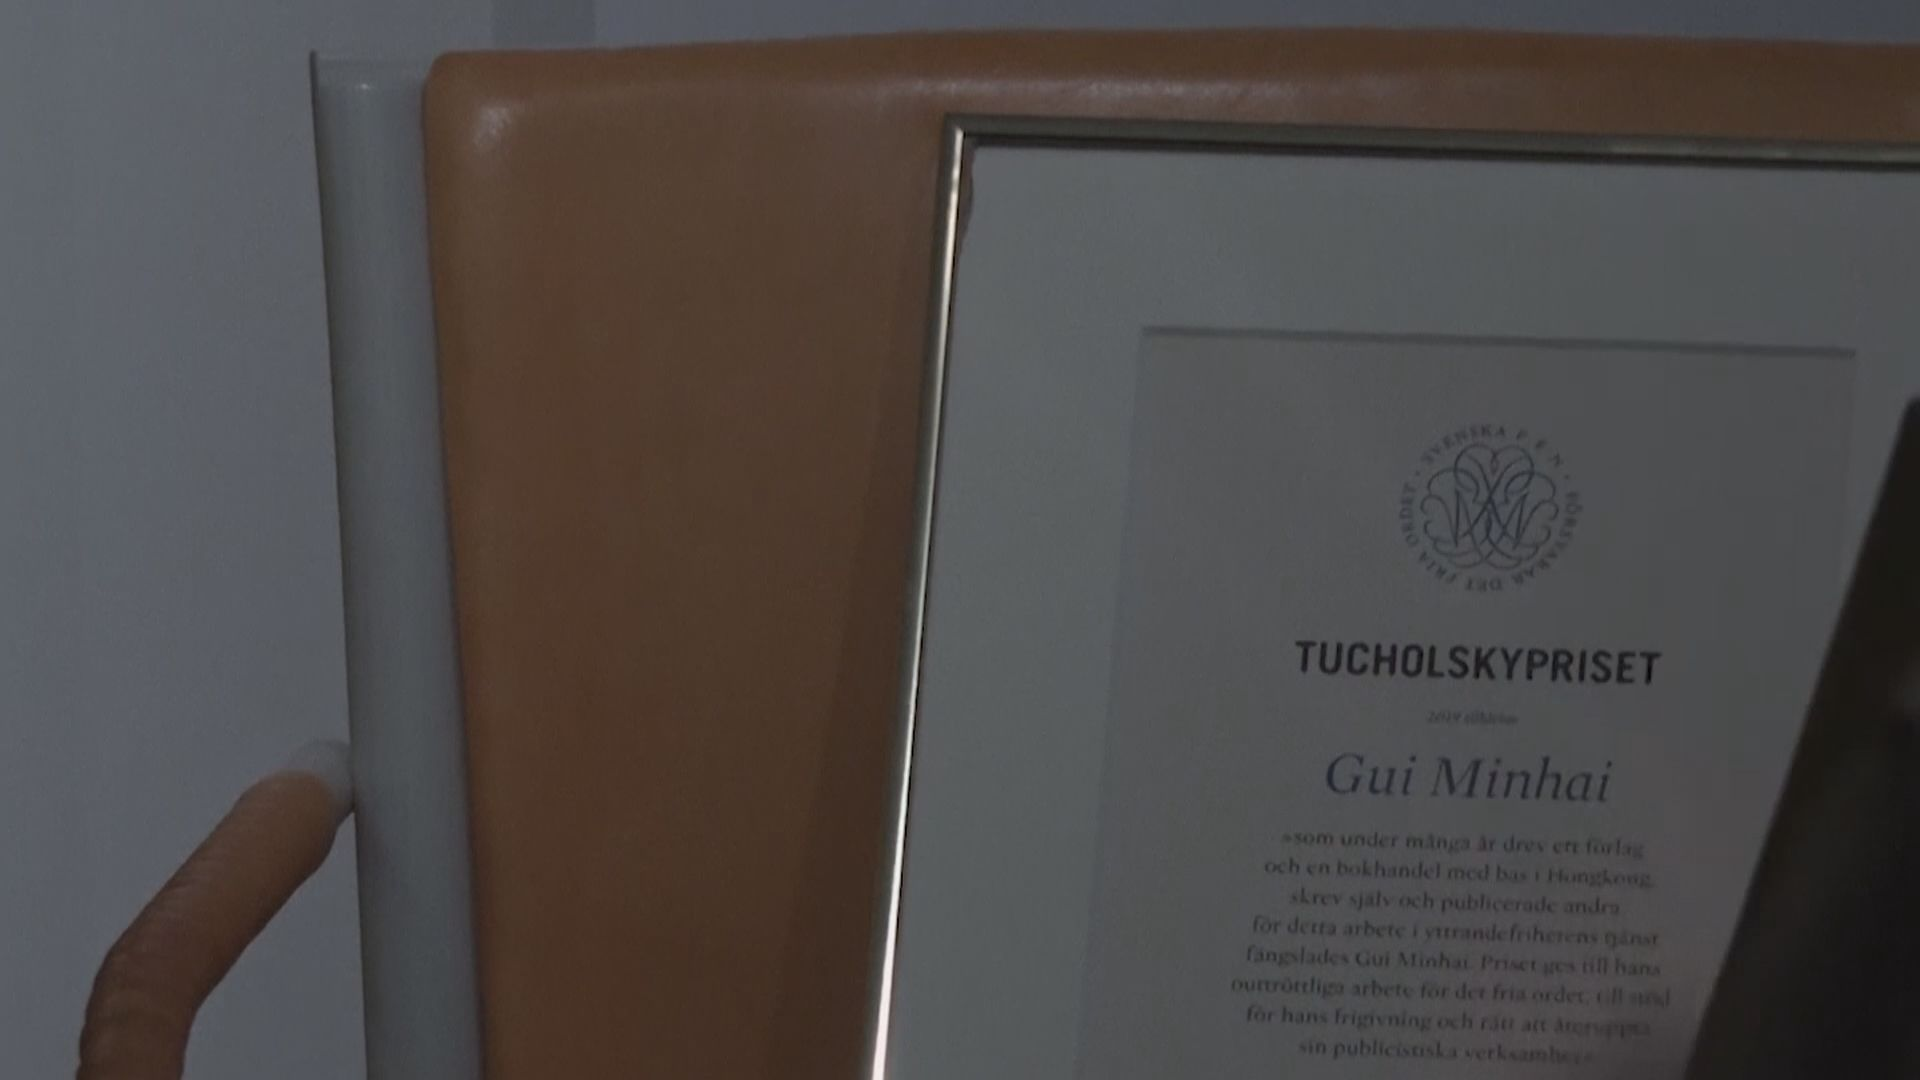 瑞典文化部長抗中方施壓頒獎予桂民海